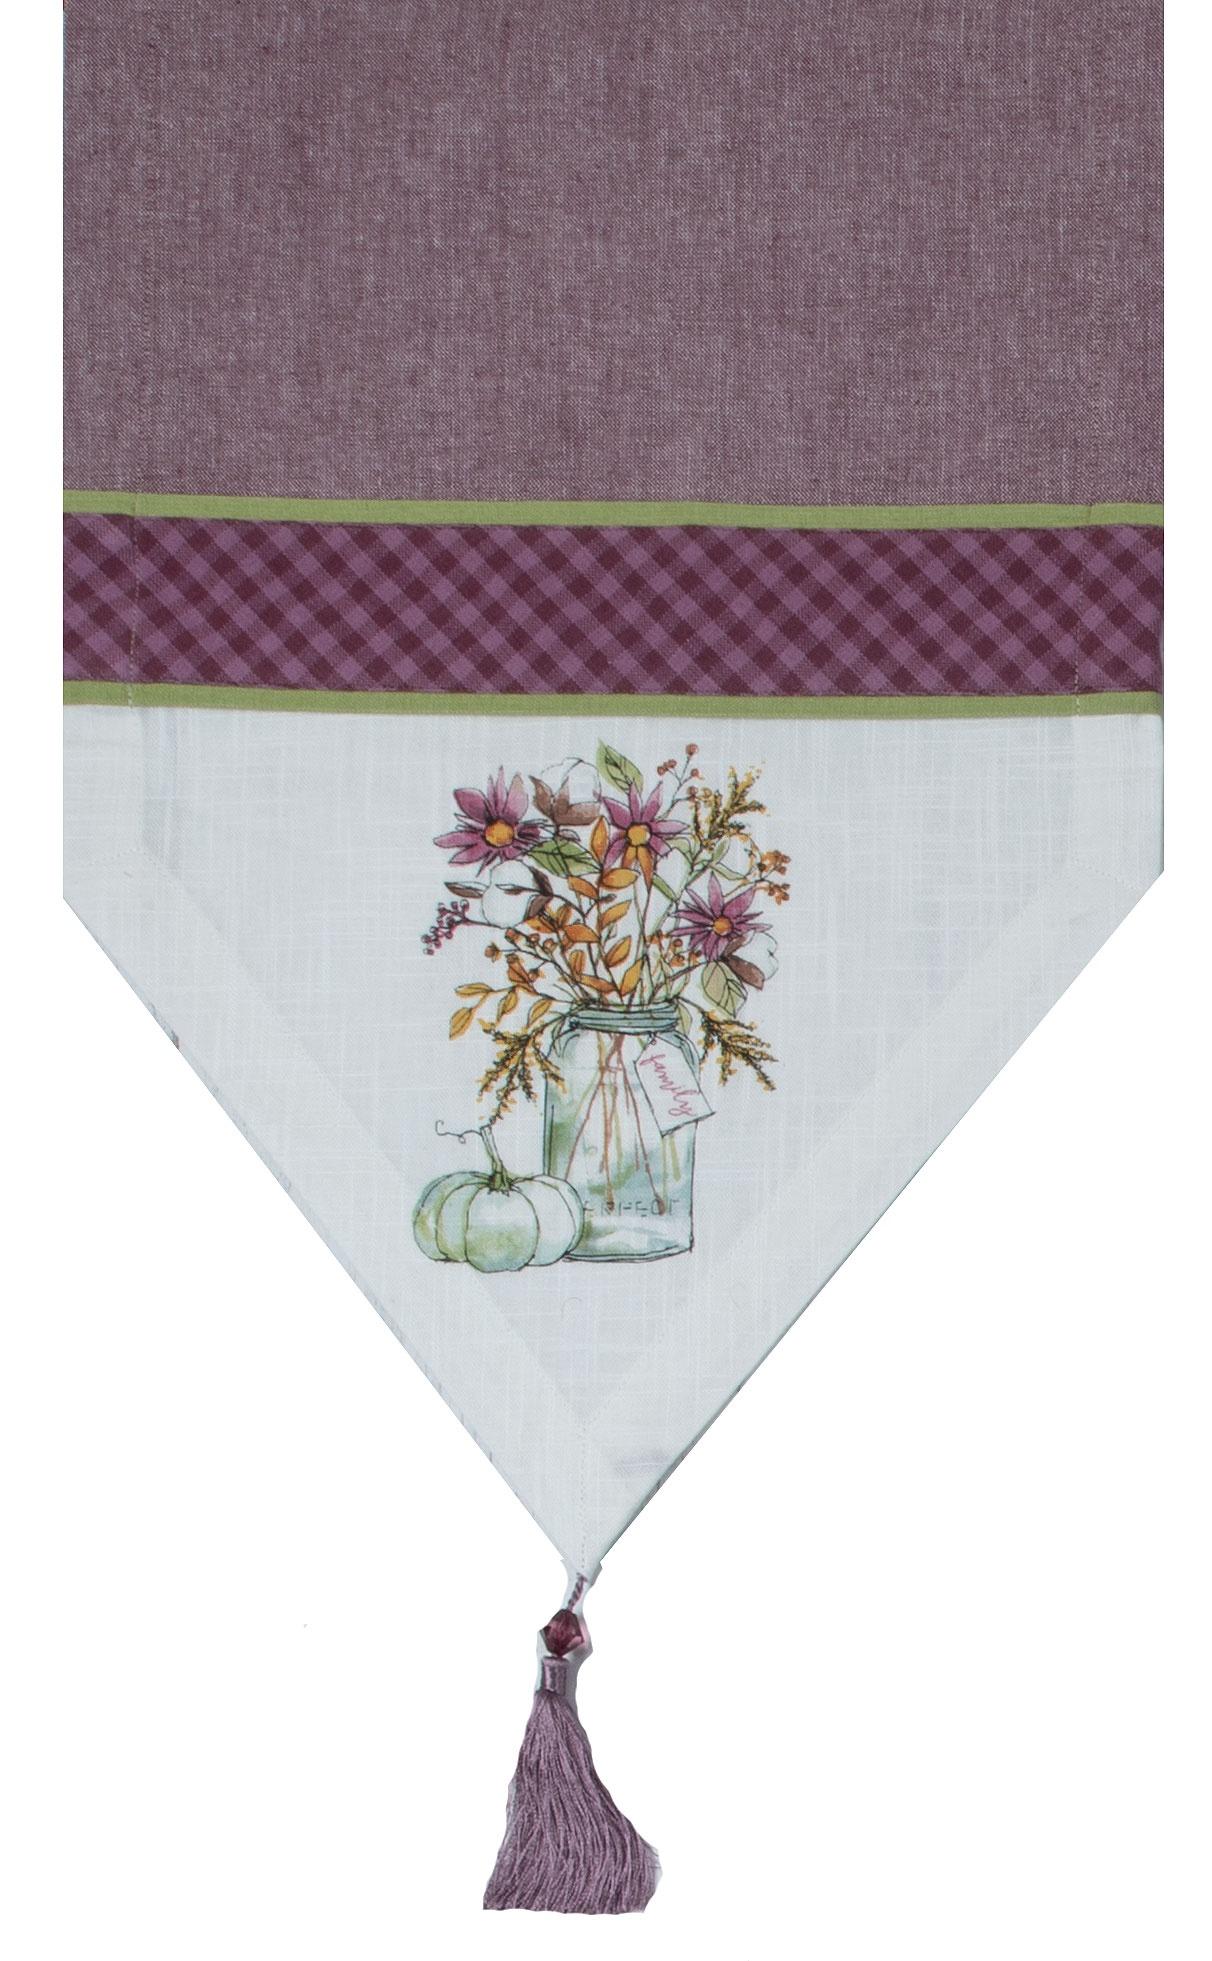 Дорожка Kay Dee Designs Inc Натюрморт, KDH3109, 33х183 смKDH3109KAY DEE DESIGNS INC один из самых признанных поставщиков кухонного текстиля. Упаковано в пленку